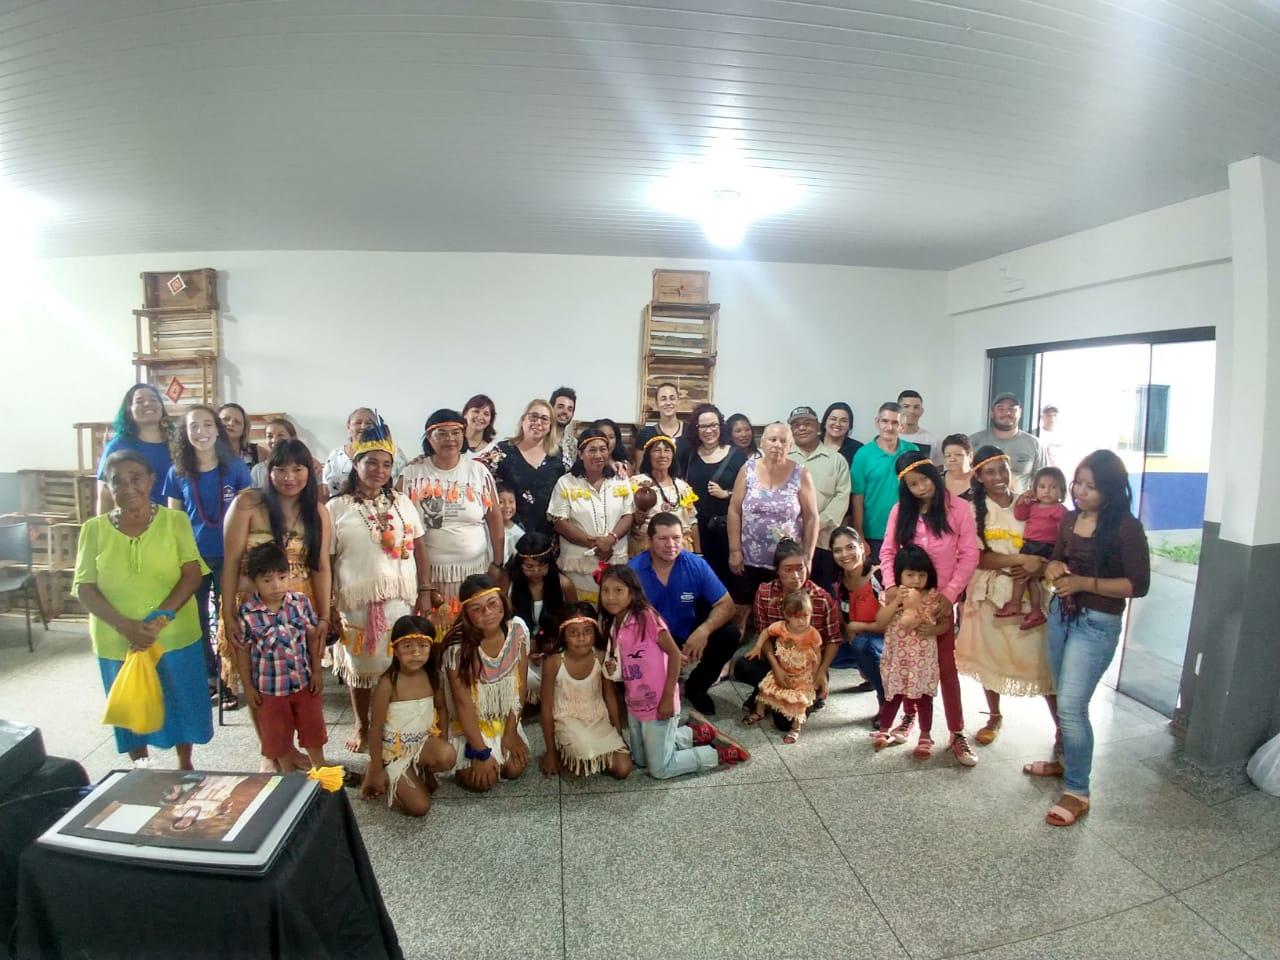 Vila Vargas recebe o Projeto Emo jo 'hasa jaiko'a tecer a vida